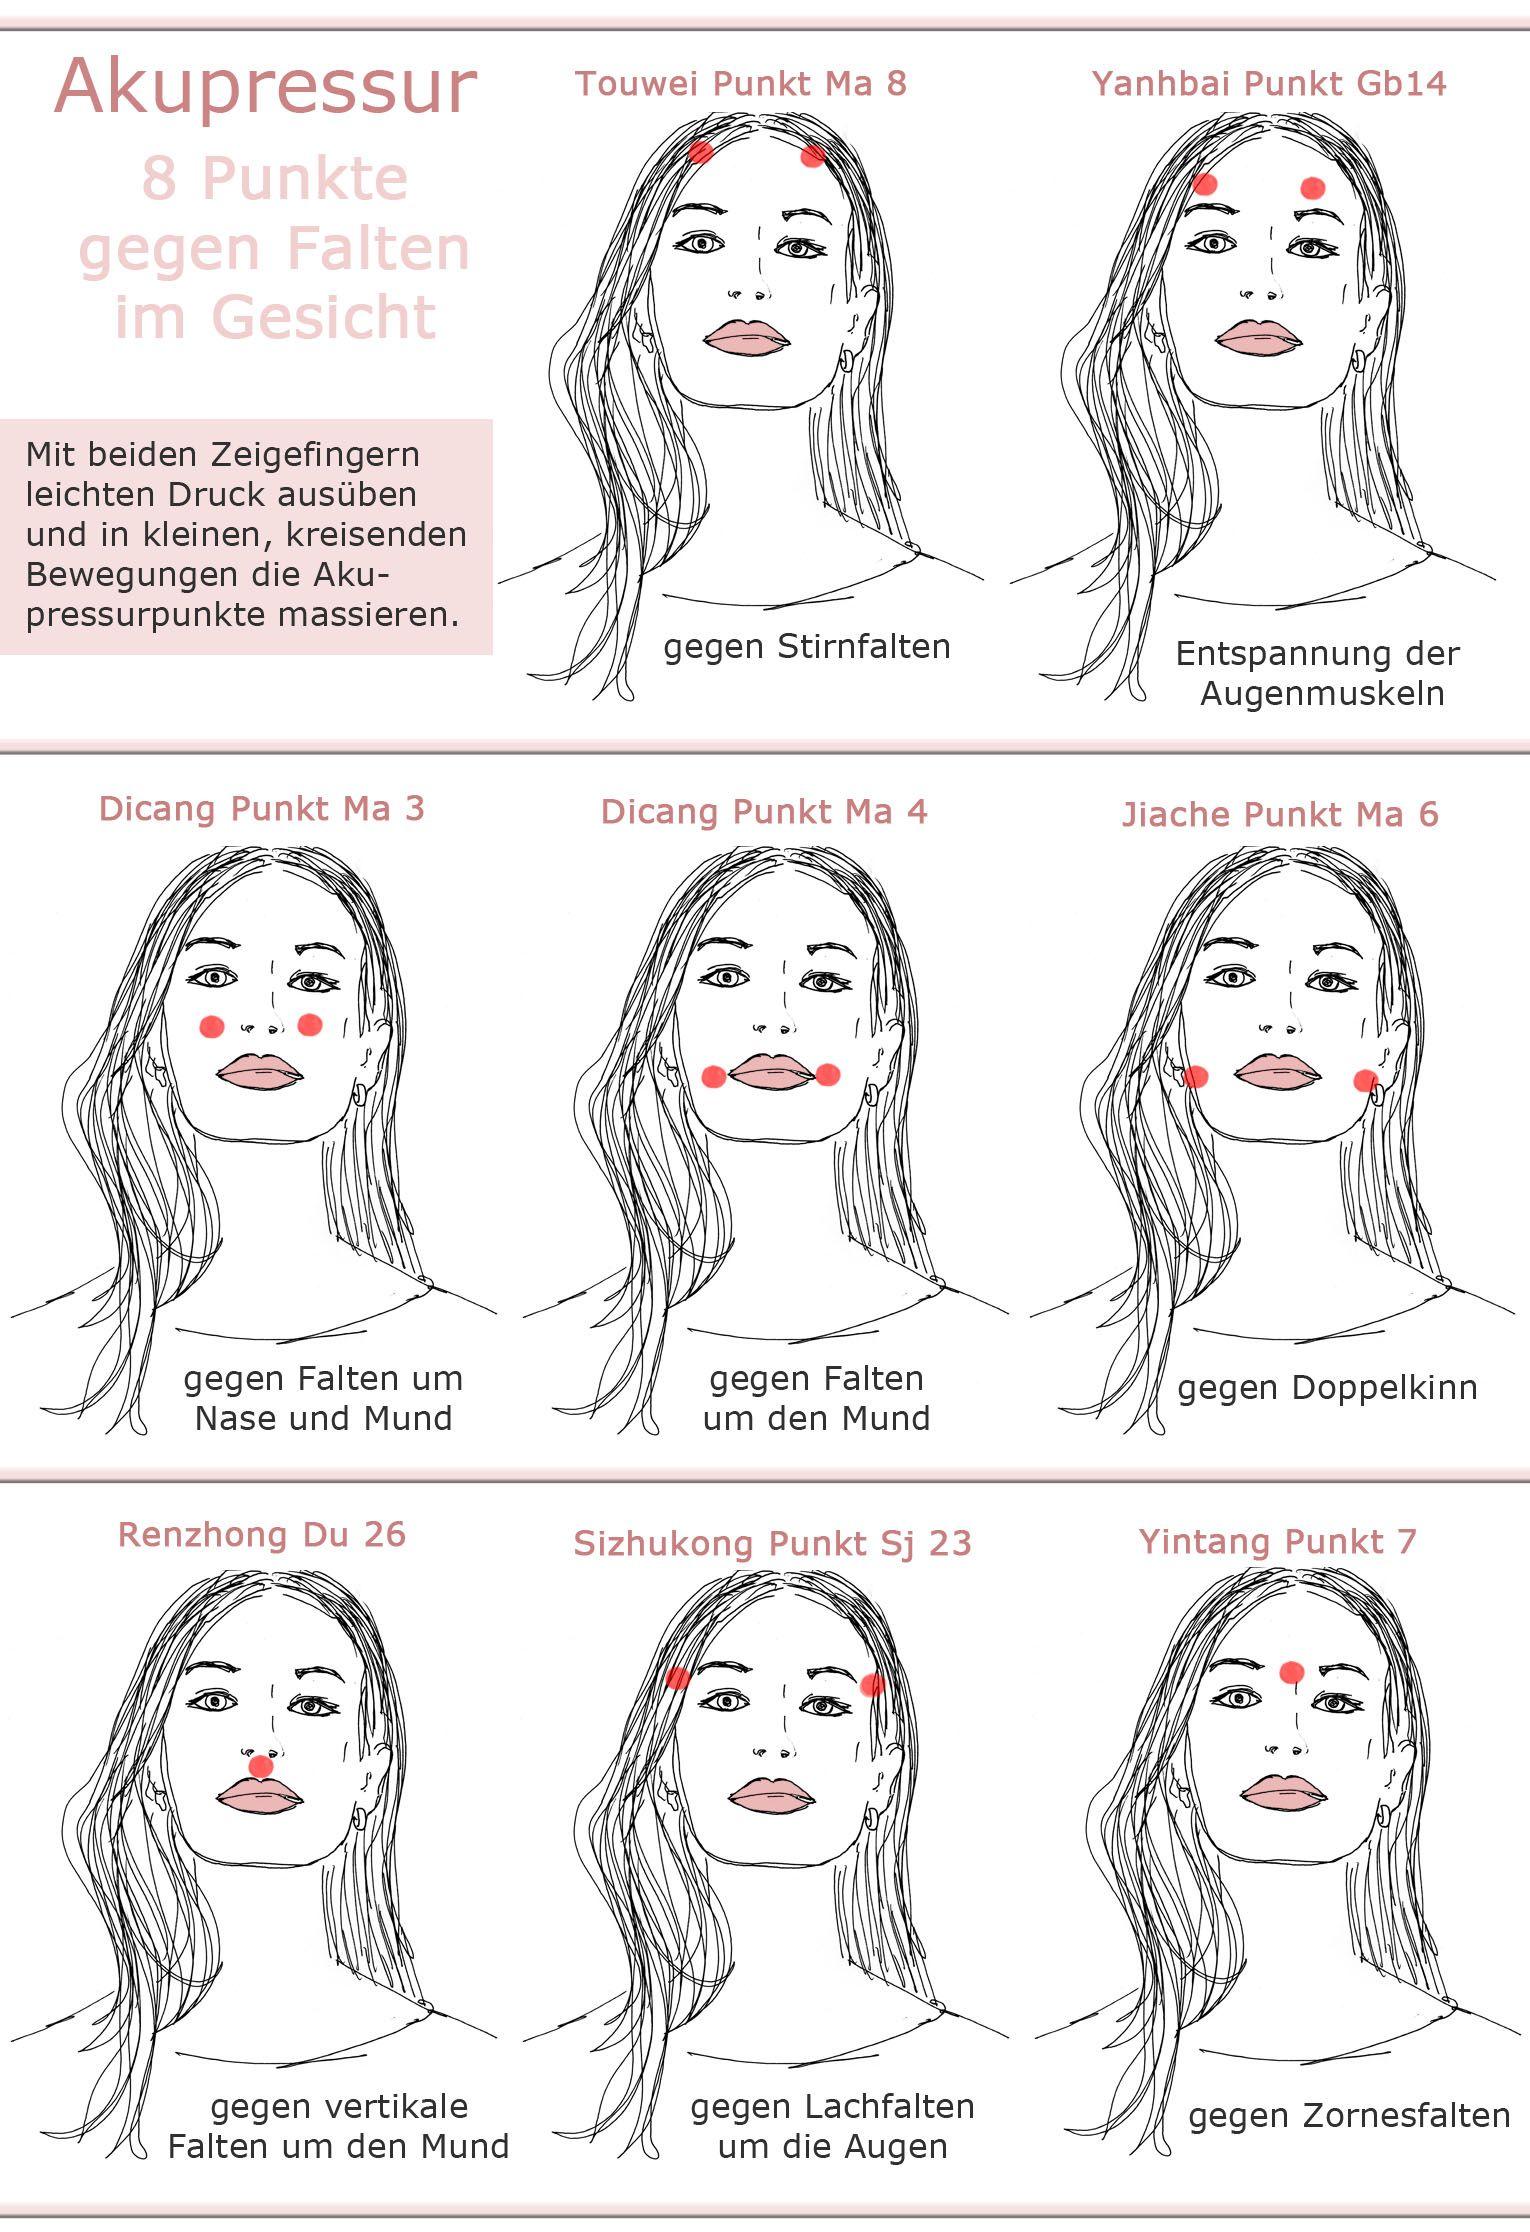 Akkupressur Gesicht gegen Falten Punkte Bild Akkupressurpunkte ...